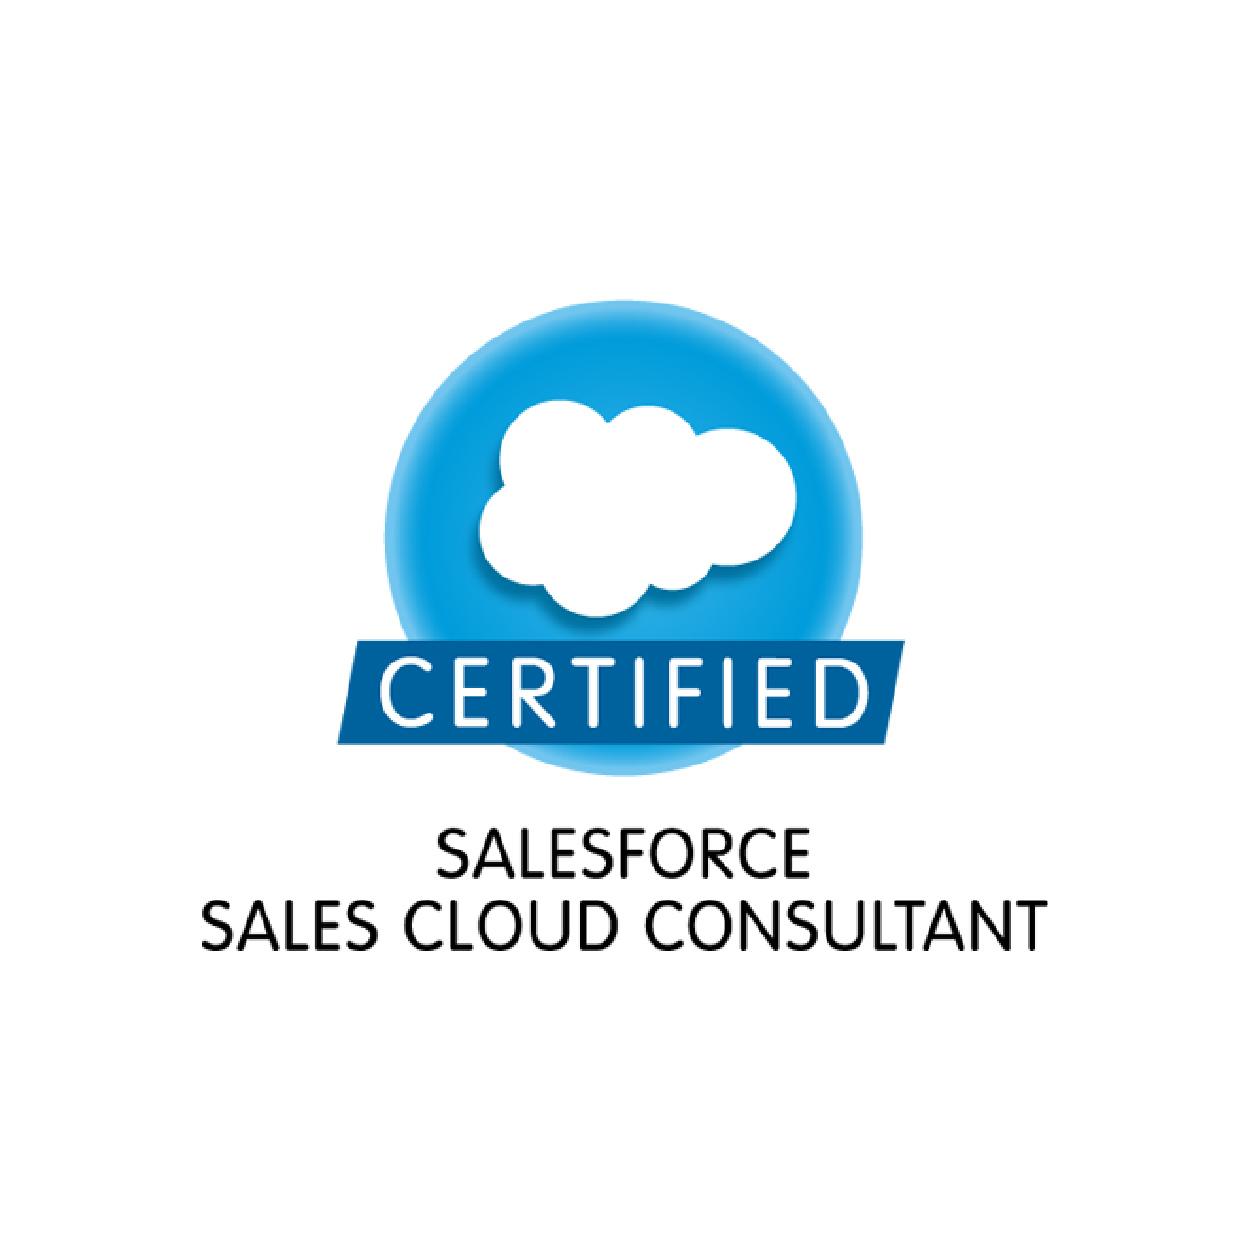 salesforce_certified-07.jpg